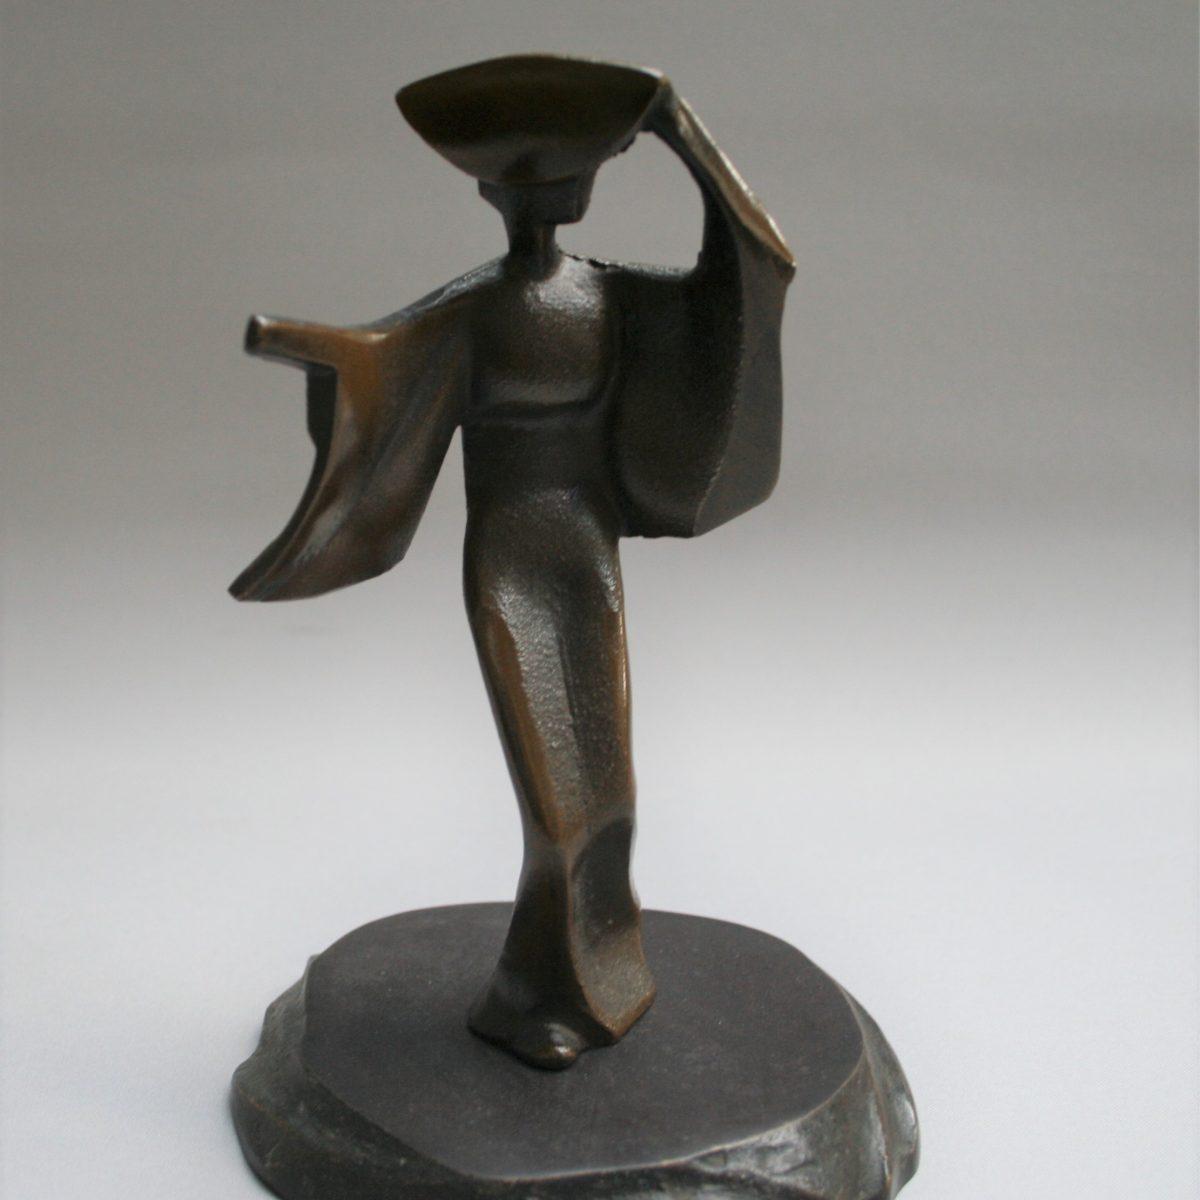 cast iron sculpture of a geisha/williamsantiques